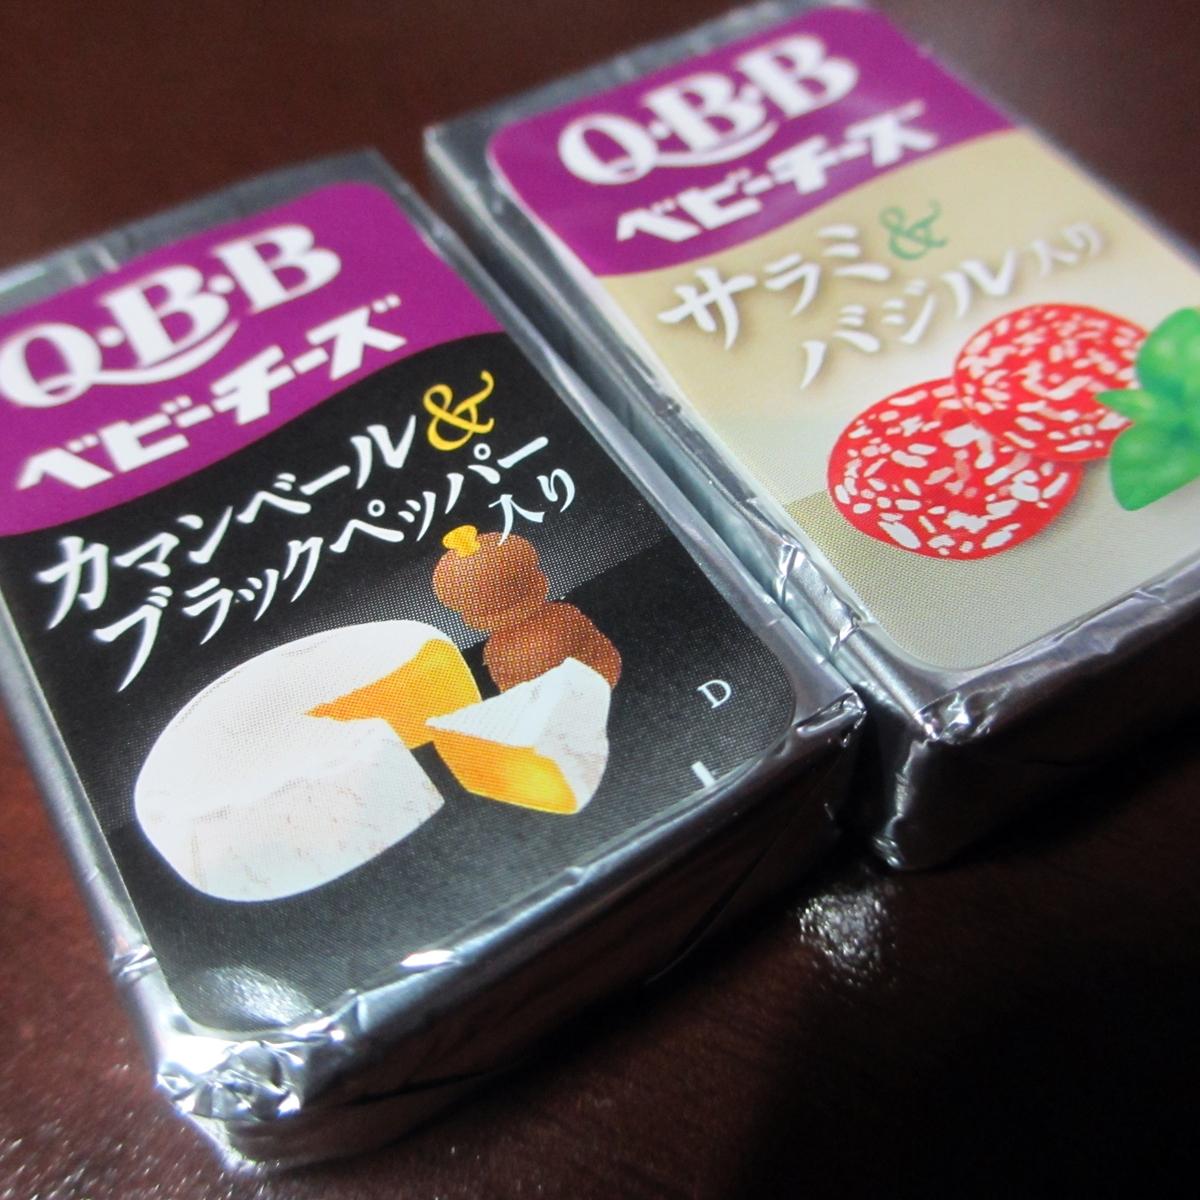 安かったのでQBBベビーチーズ2種を食べ比べてみた結果